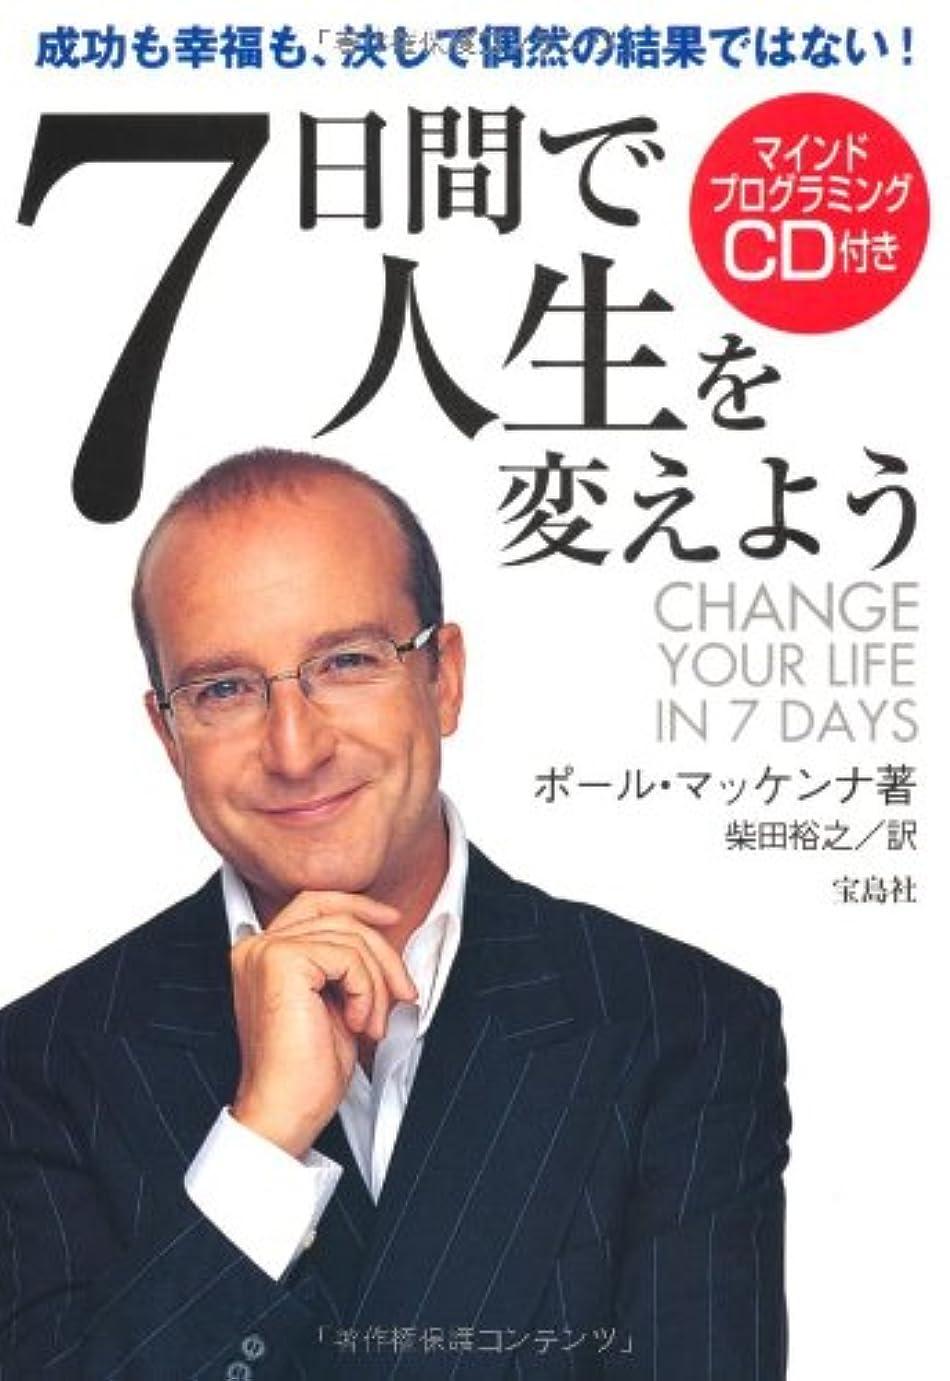 ストローク敵対的孤独な7日間で人生を変えよう(CD付き)